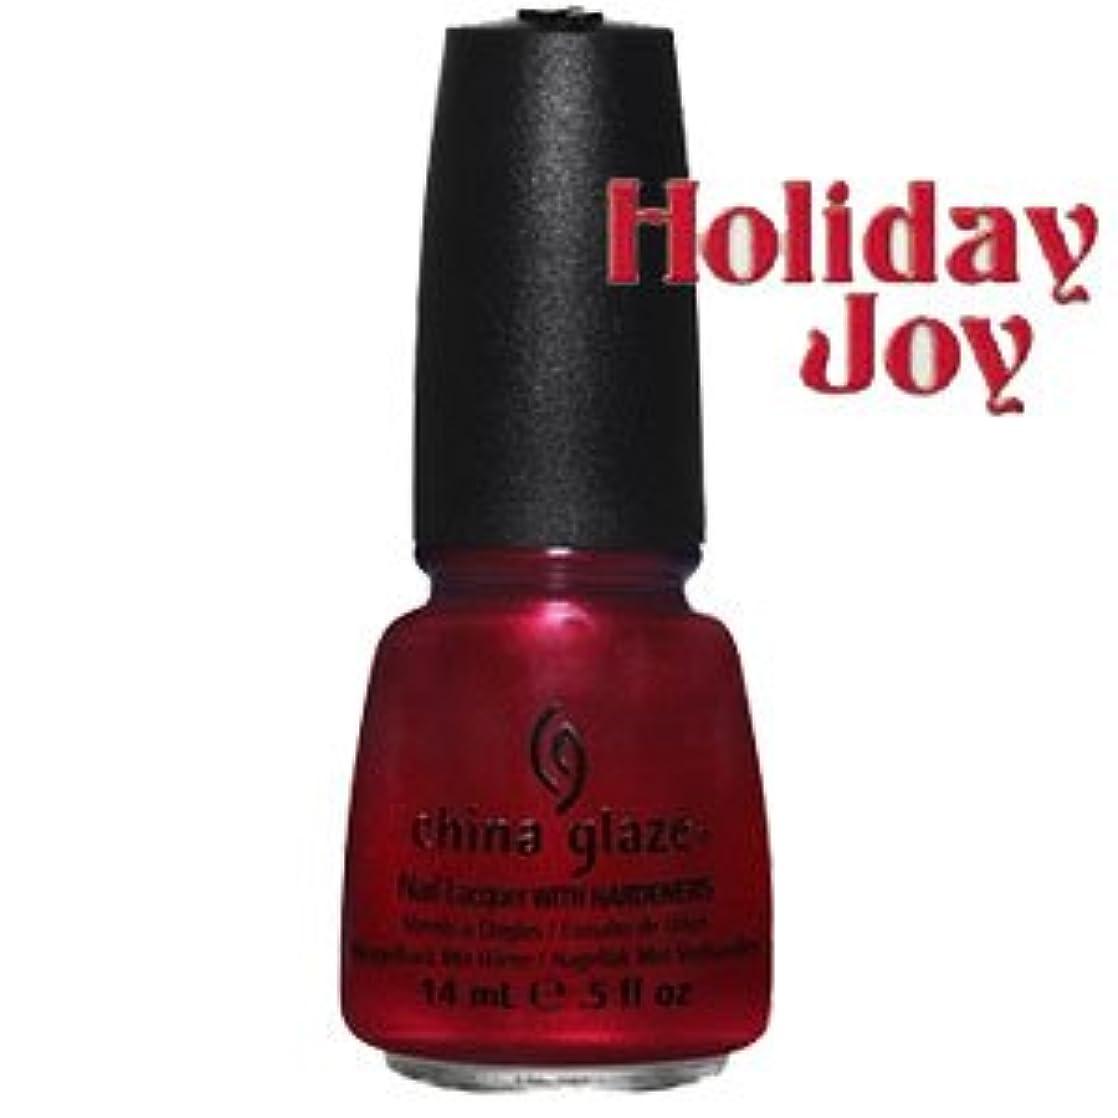 隠すアッティカス任意(チャイナグレイズ)China Glaze Cranberry Splashー'12Holiday Joy コレクション [海外直送品][並行輸入品]